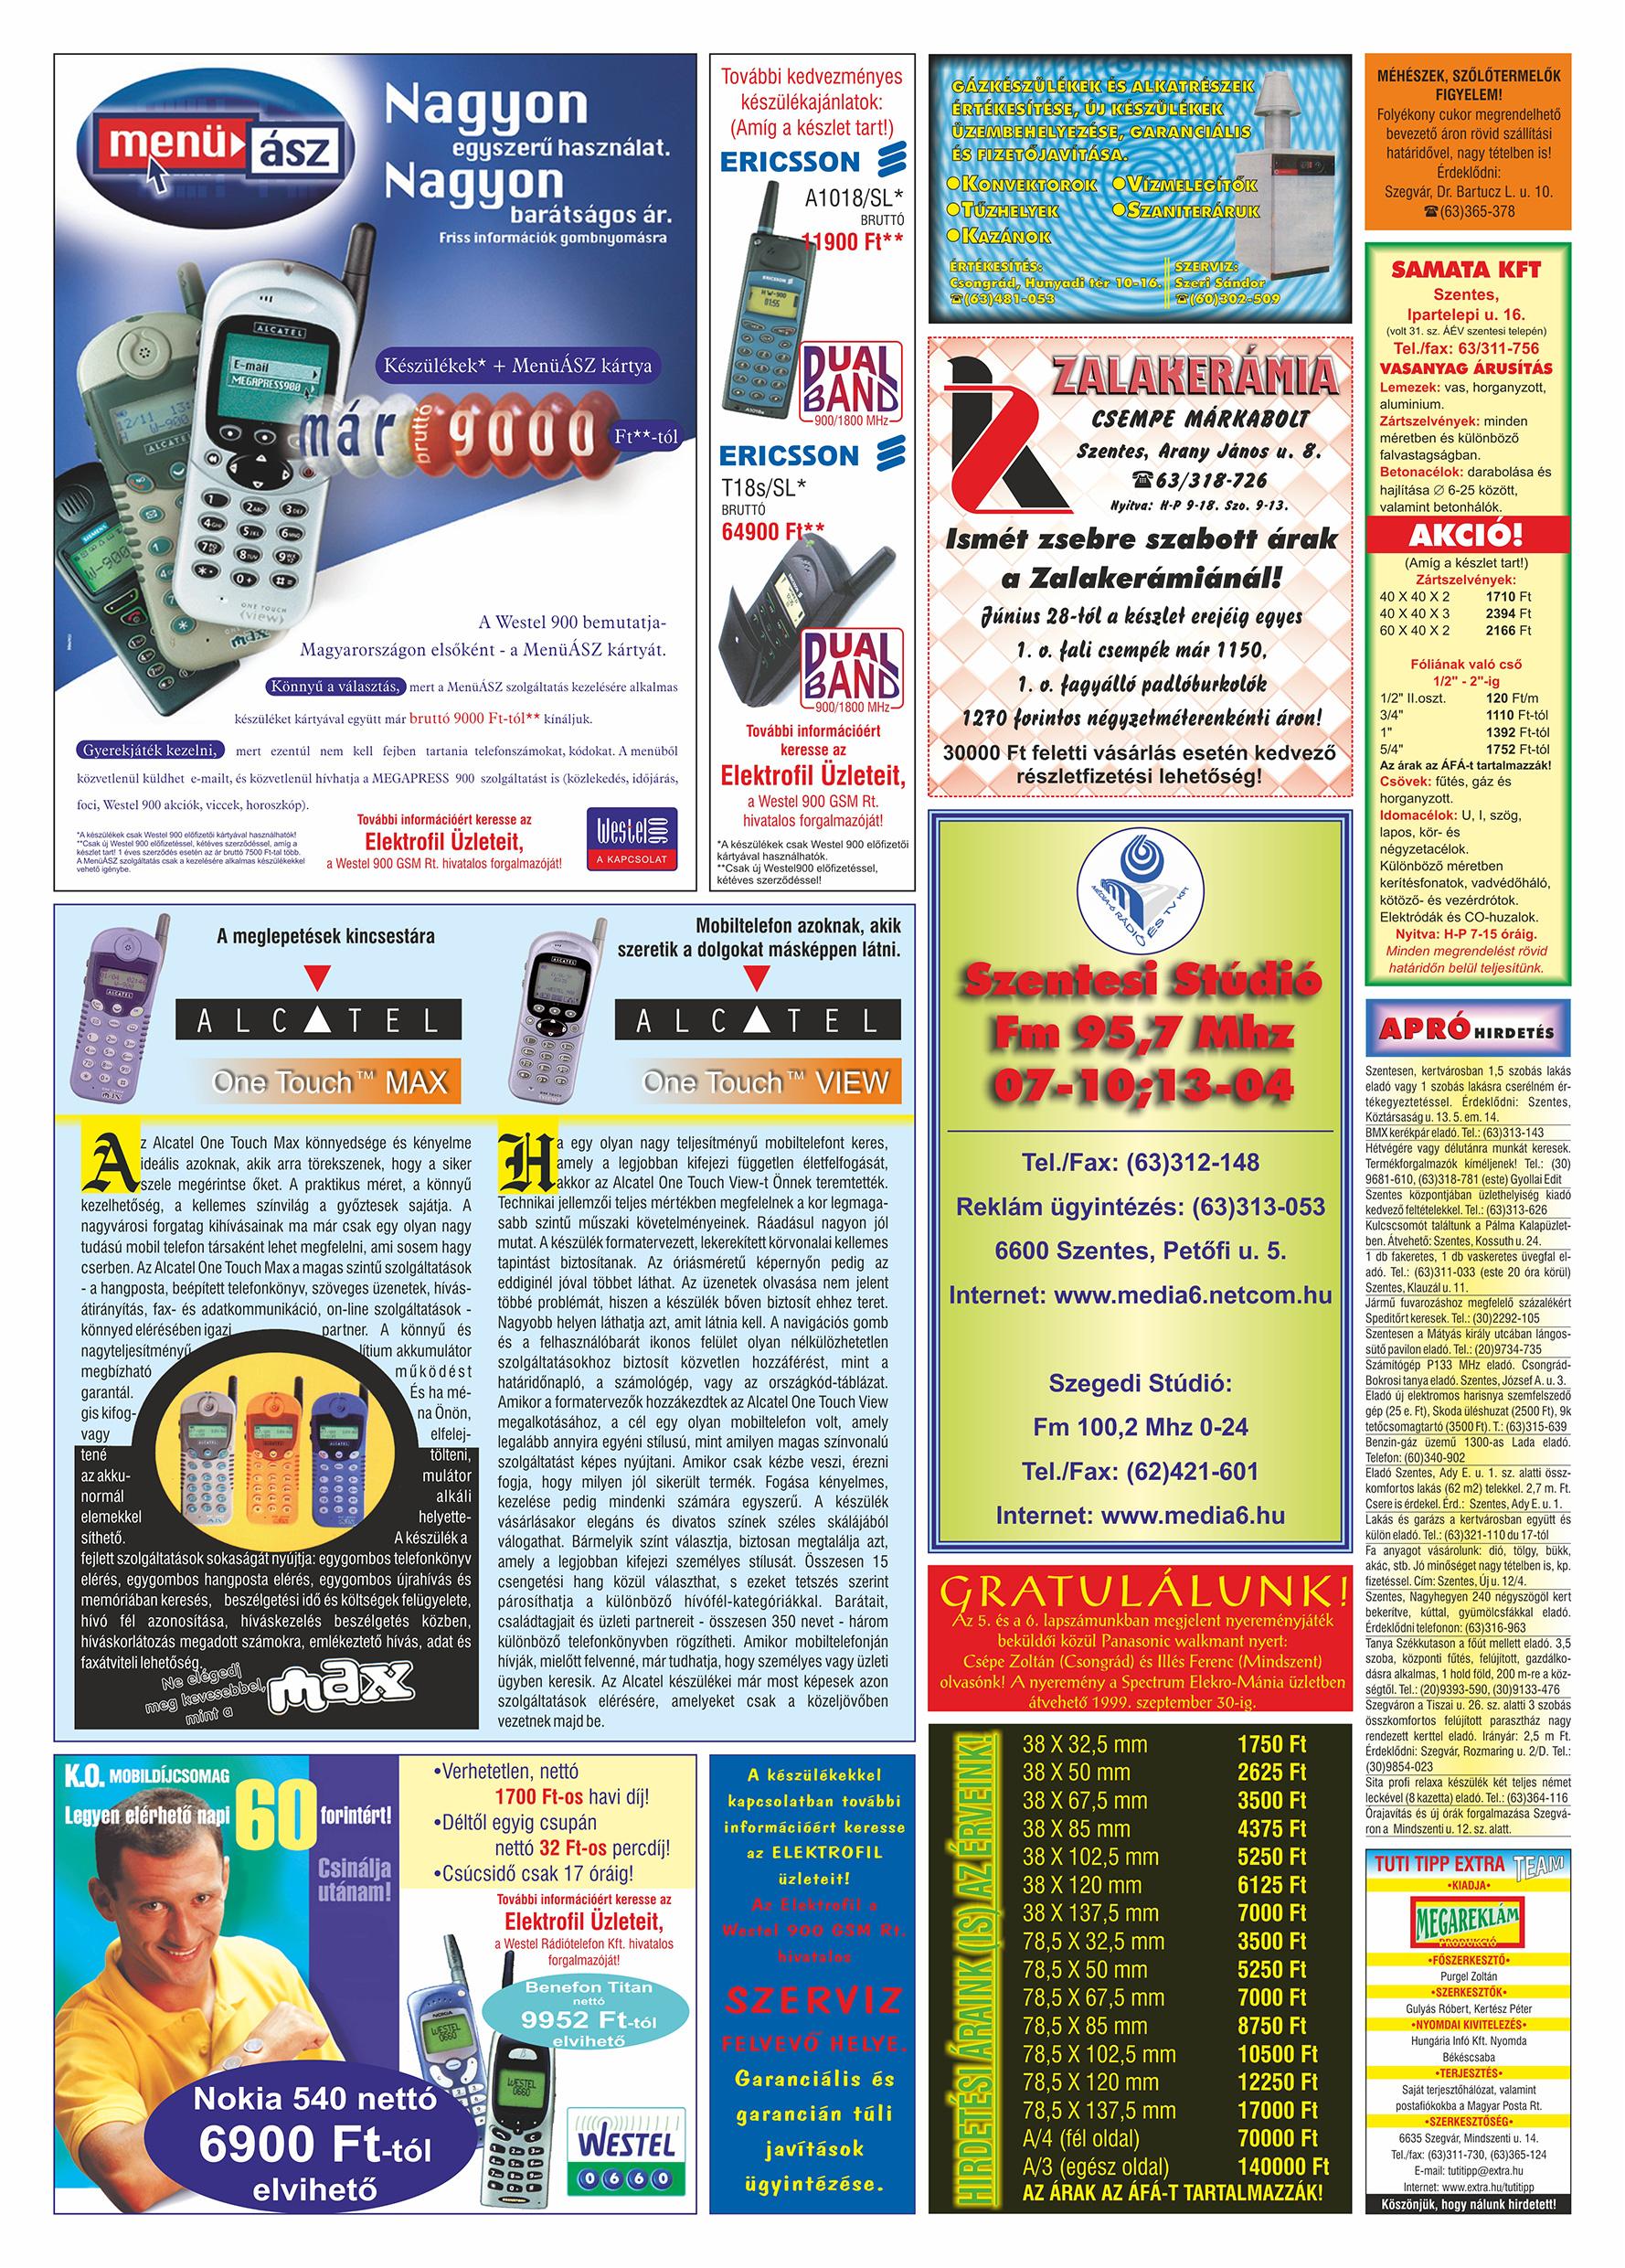 044 Tuti Tipp Extra reklámújság - 19990821-009. lapszám - 2.oldal - V. évfolyam.jpg